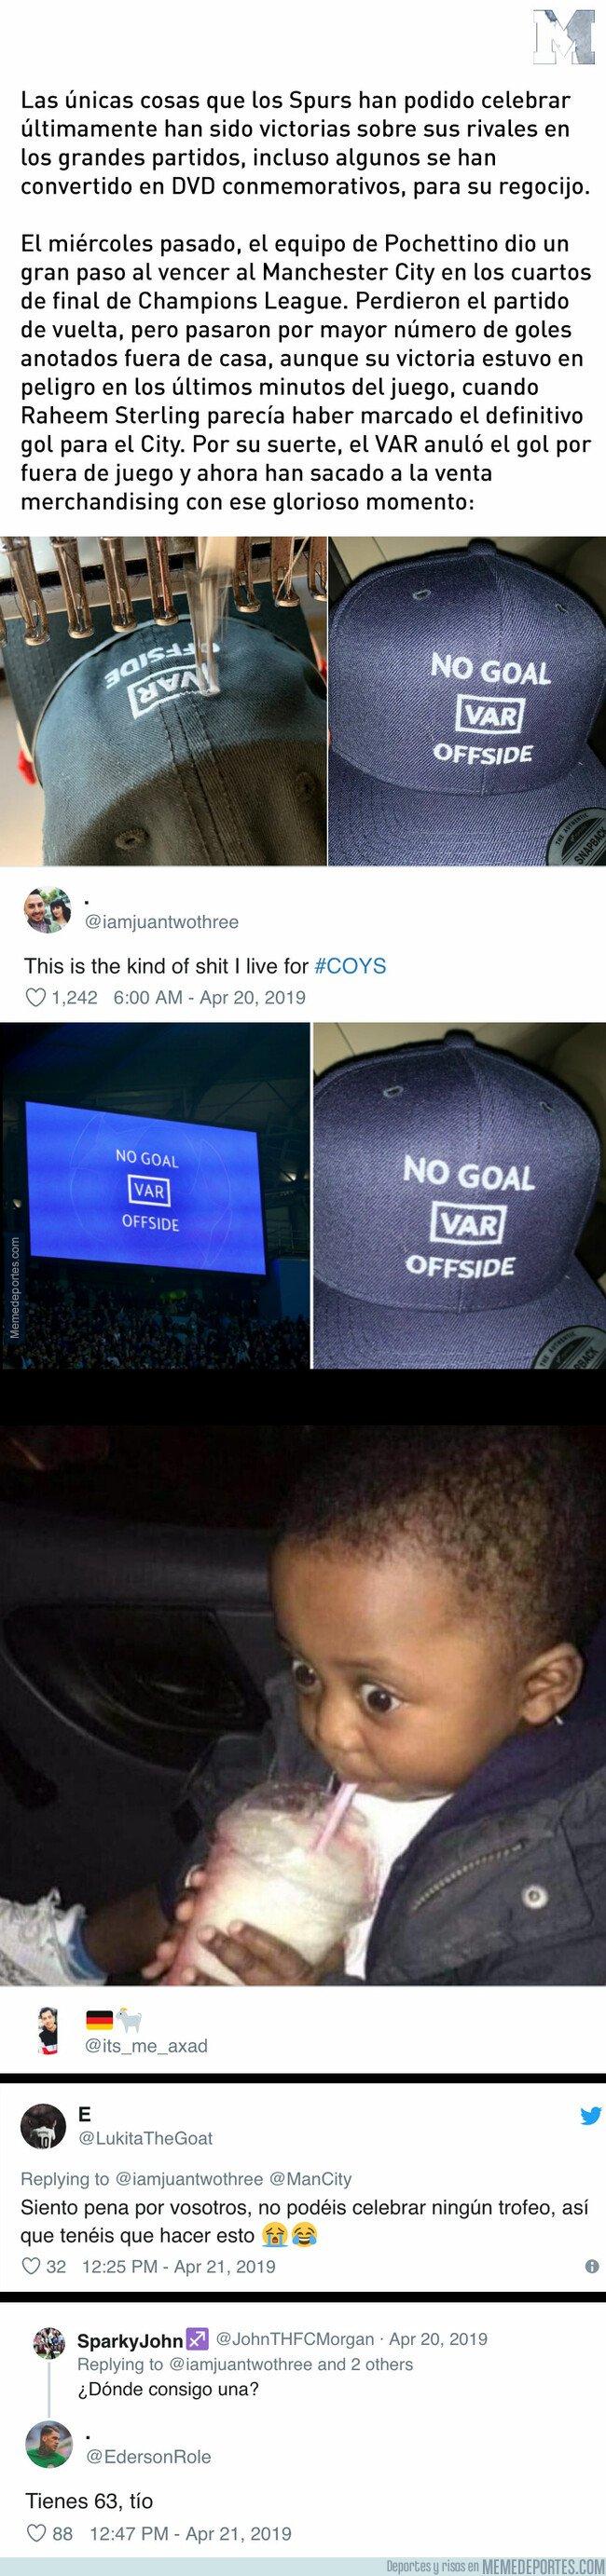 1072372 - Aficionados de los Spurs crean esta gorra recreando la decisión del VAR